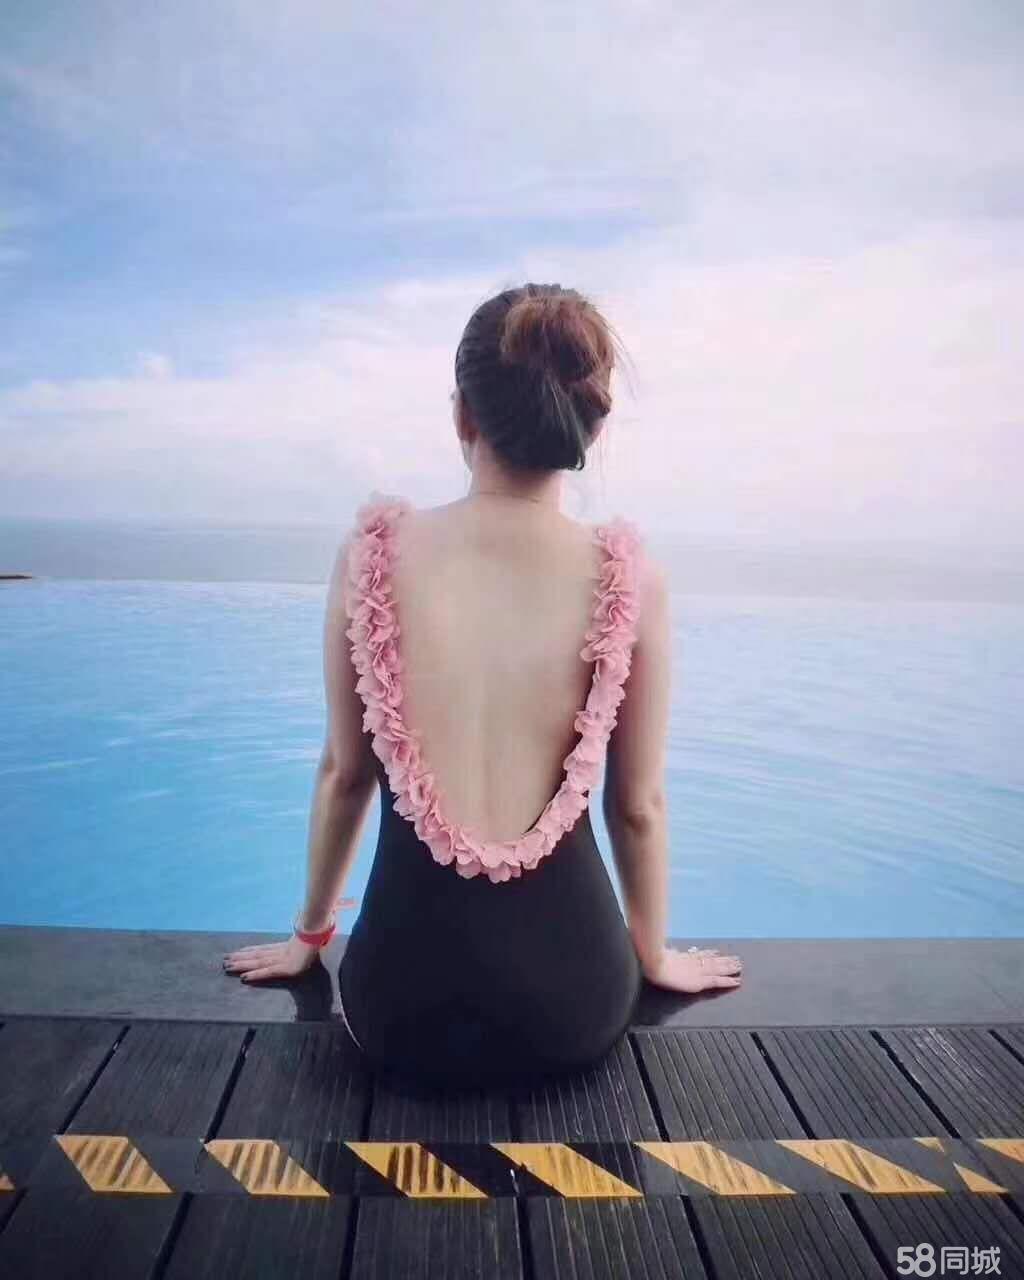 火山島溫泉入戶首付十萬起,精裝海景房天然沙灘養老度假